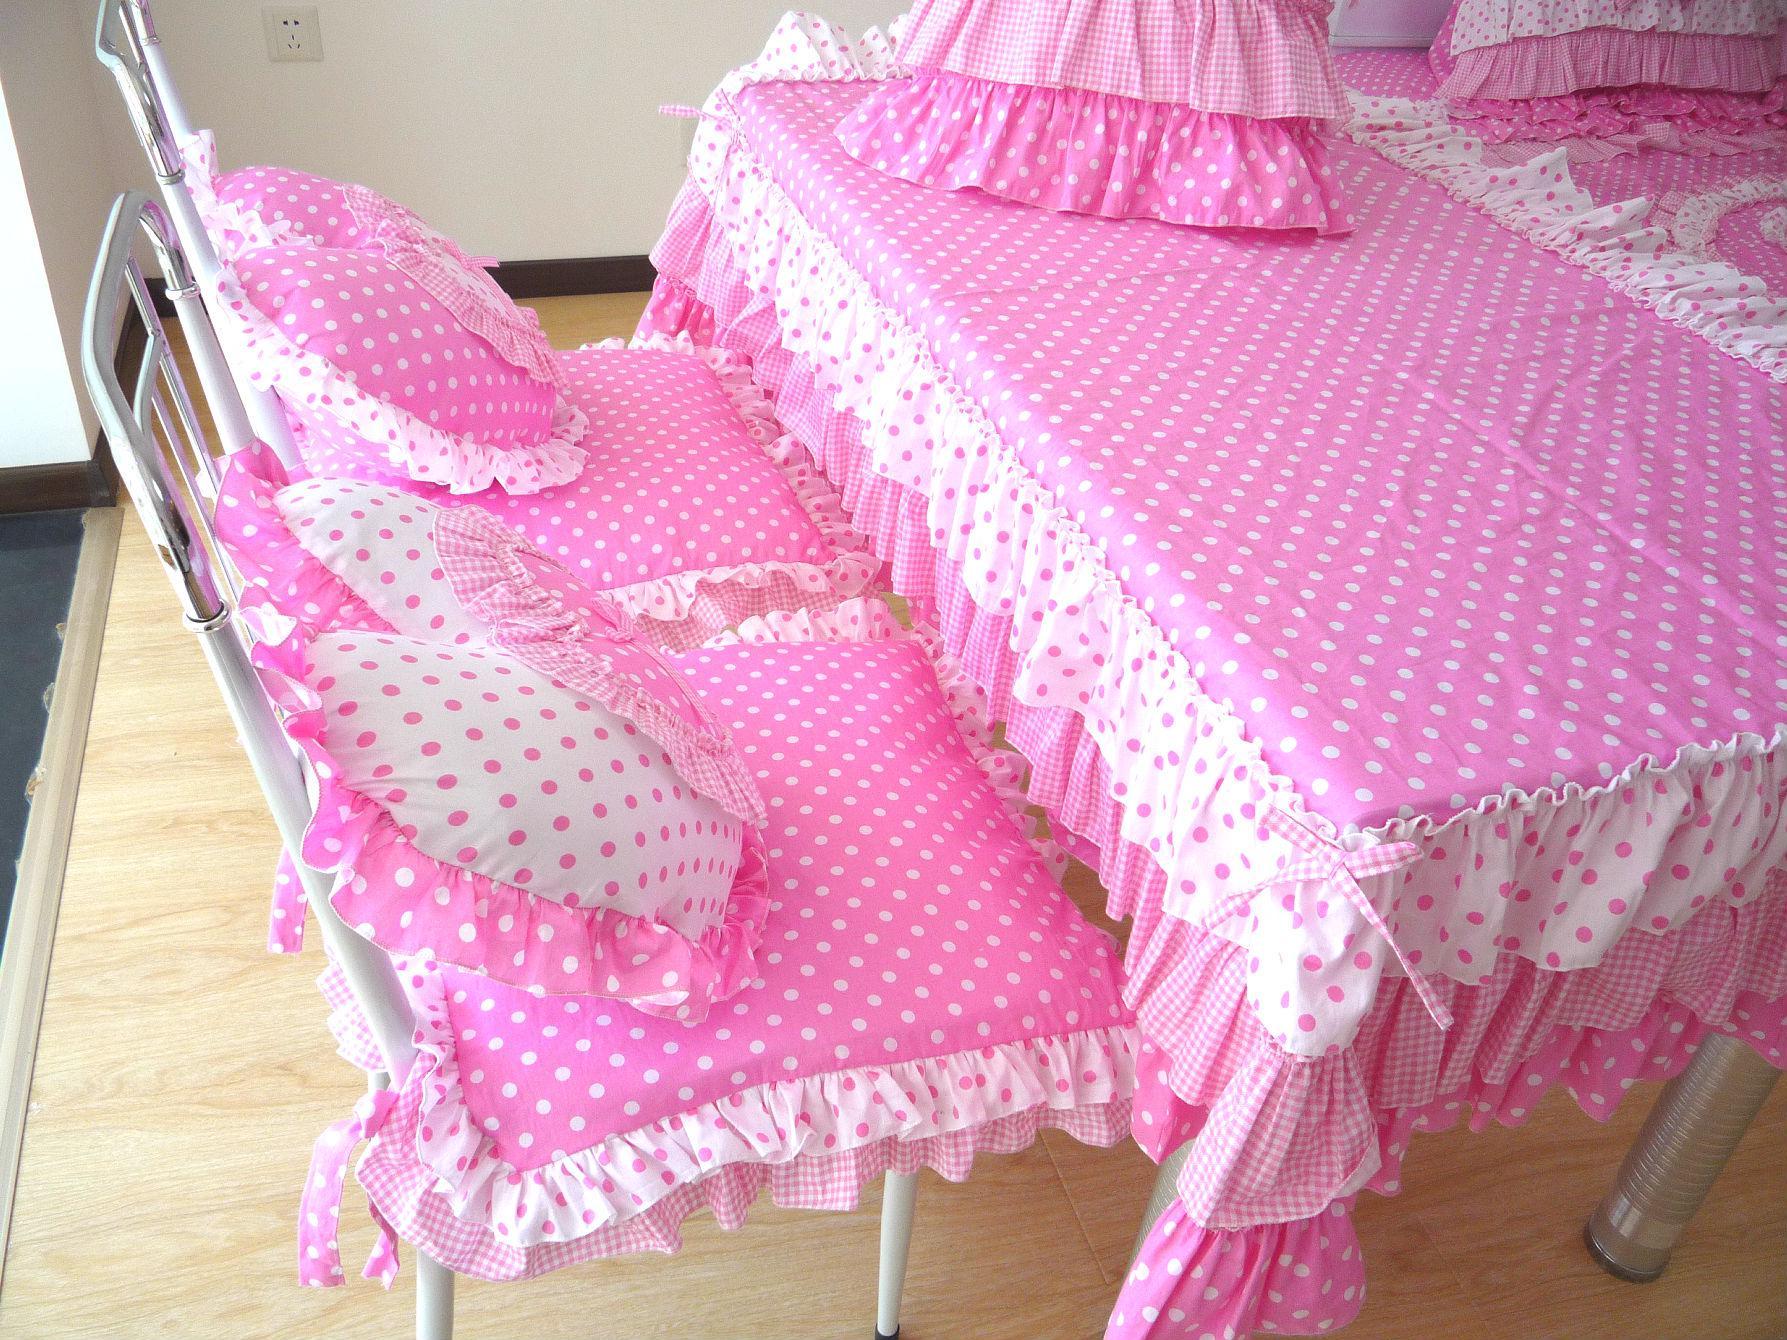 Korean Home Garden Princess Shuiyu Cake Lace Tablecloths